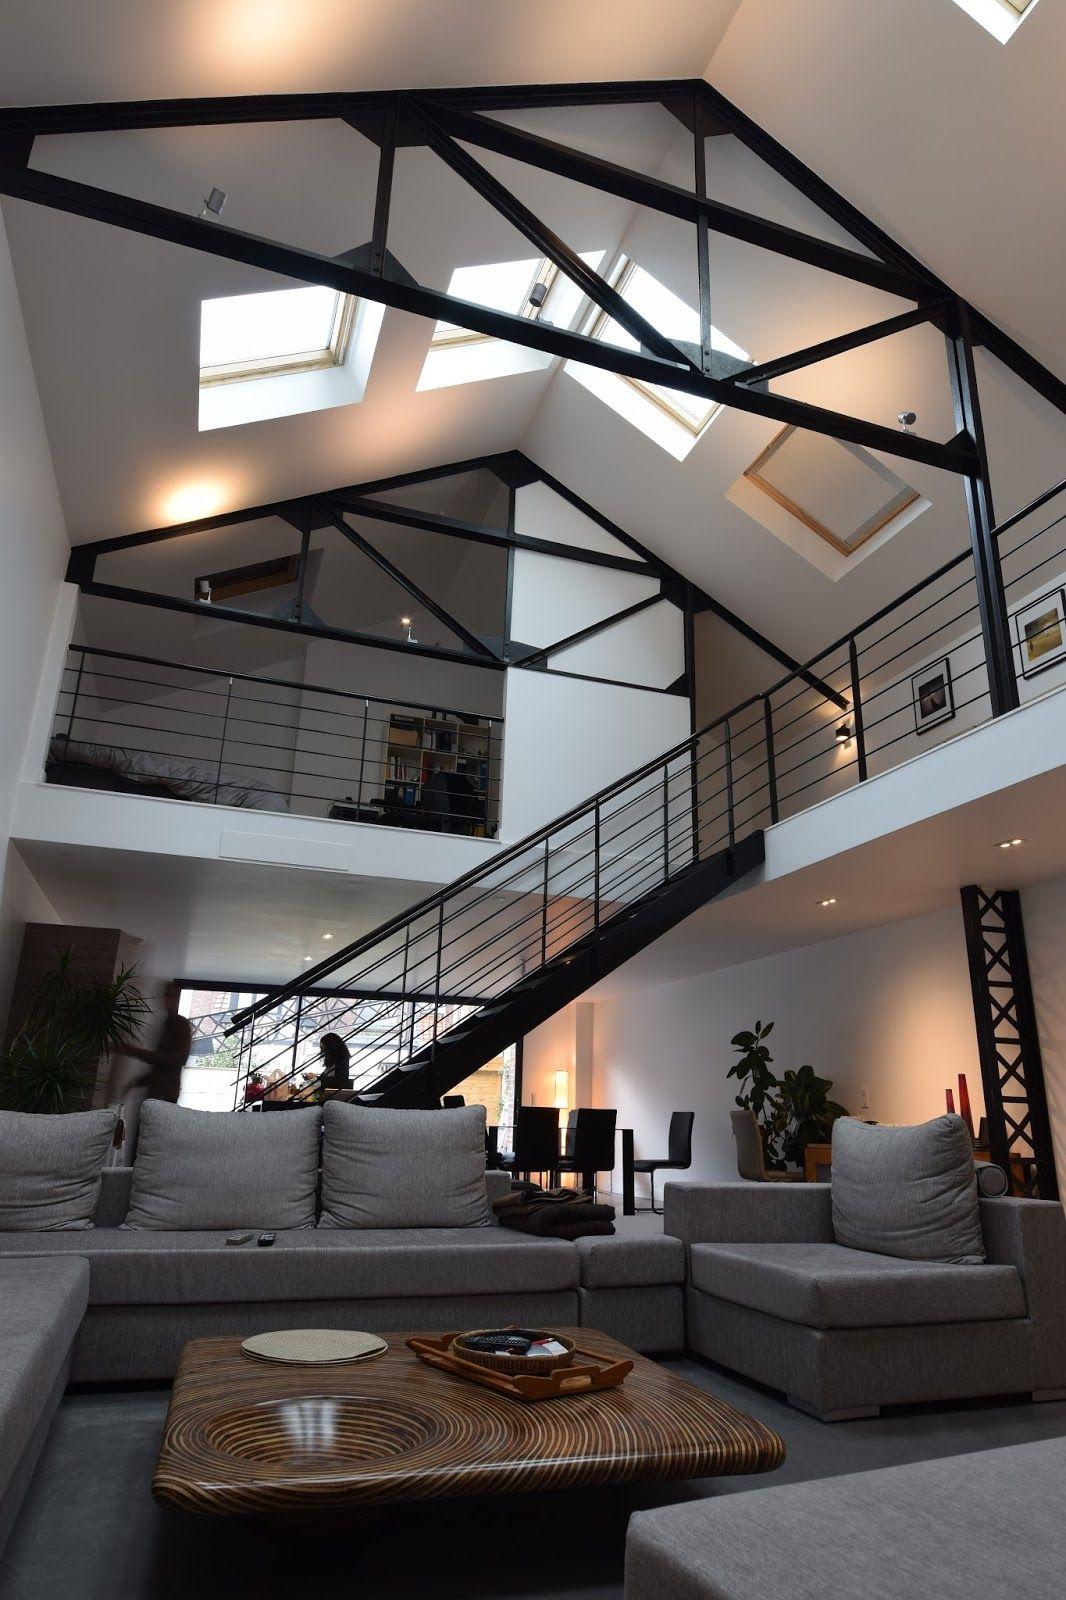 jacques lenain architecte lille nord pas de calais int rieur decoration pinterest. Black Bedroom Furniture Sets. Home Design Ideas